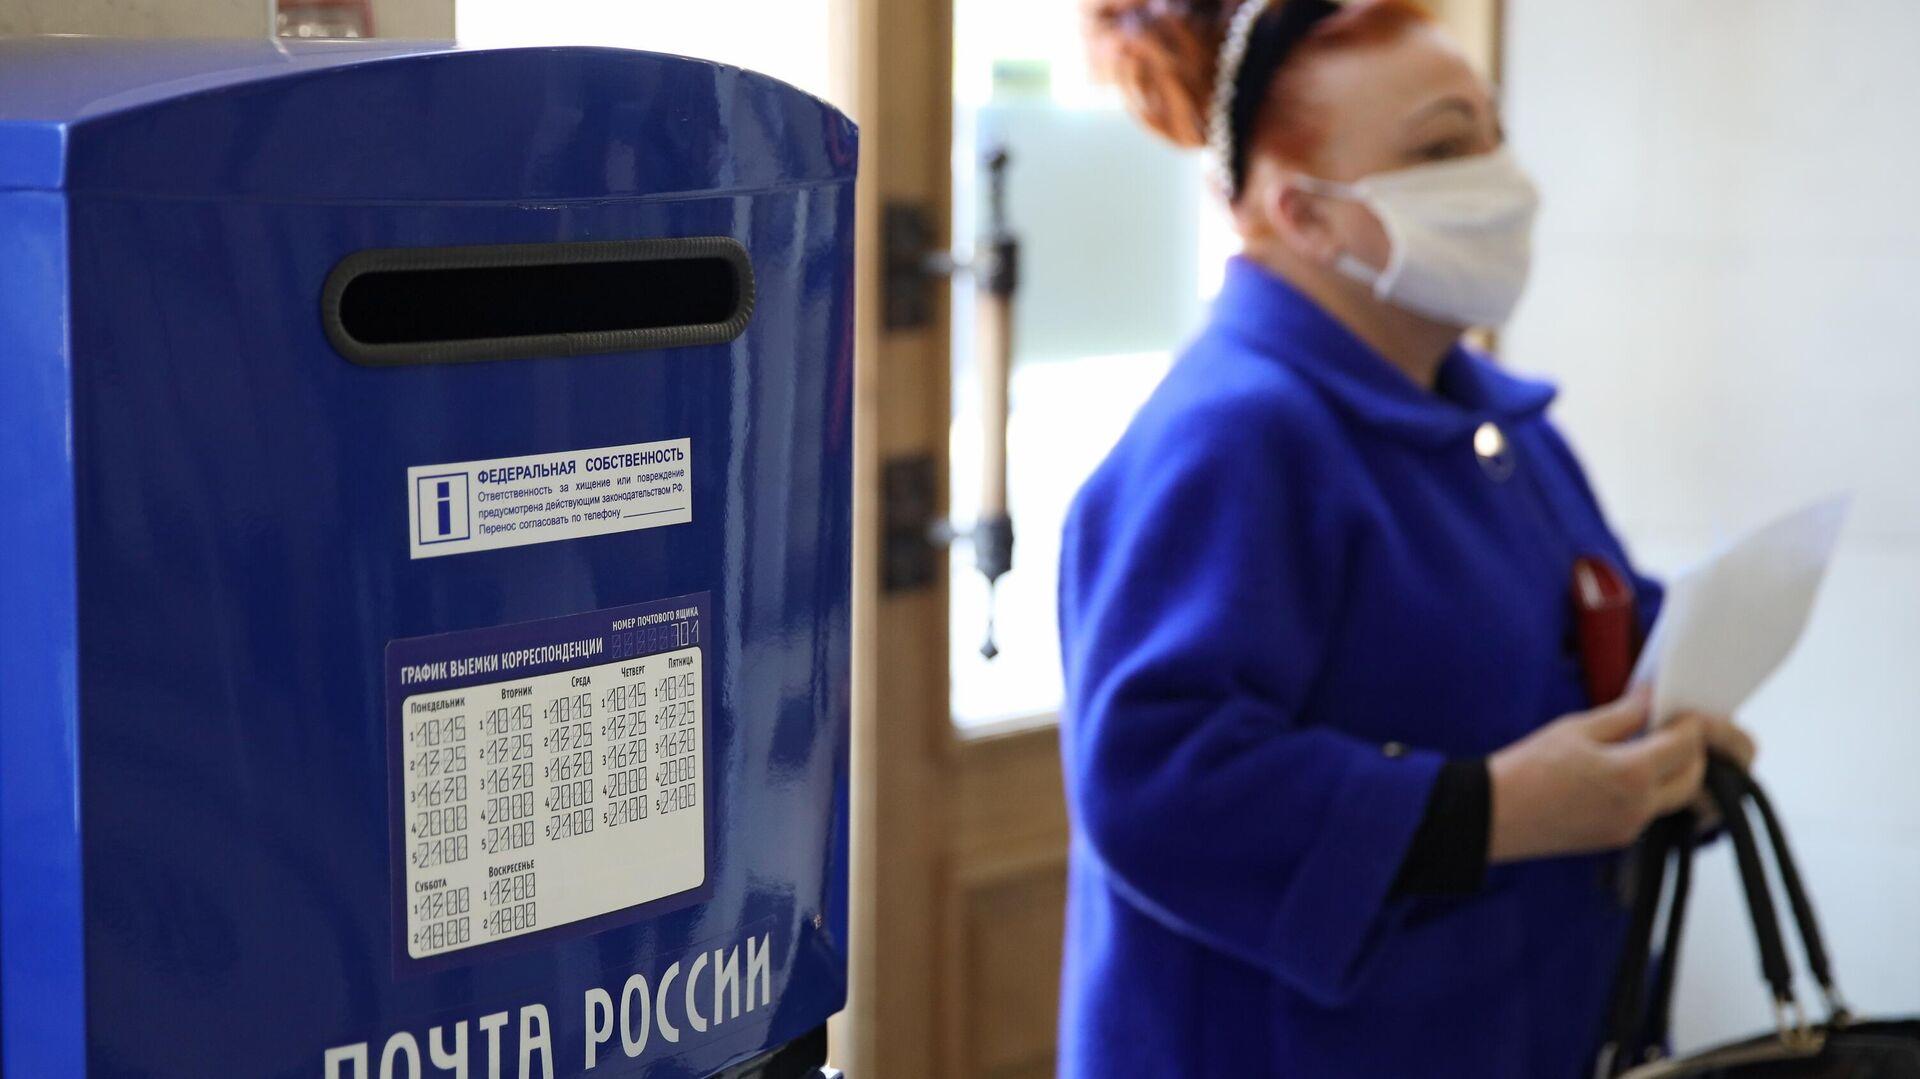 Работа почтового отделения в период коронавируса - РИА Новости, 1920, 01.10.2020